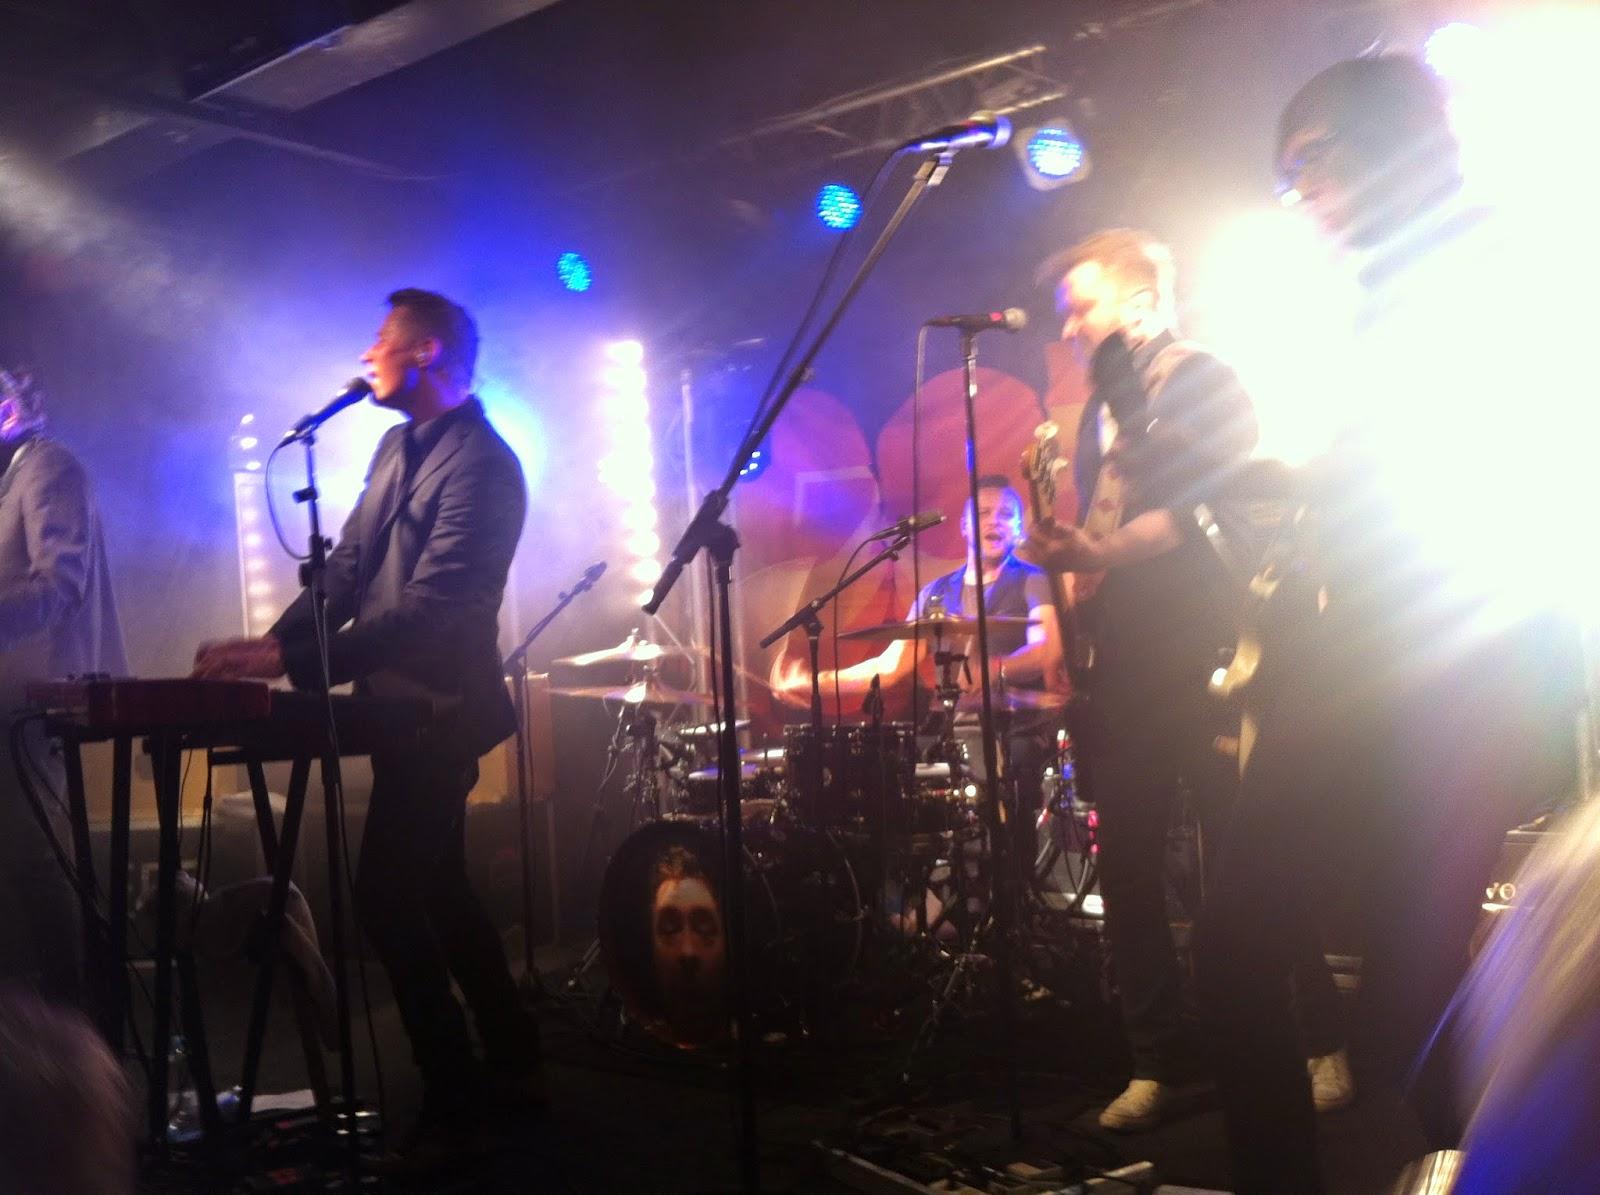 egotrippi, musiikki, music, gig, keikka, house of rock, bändi, suomirock, pod rock, pop, rock, egot, mestaripiirros, unihiekkaa, paluu, uusi levy,